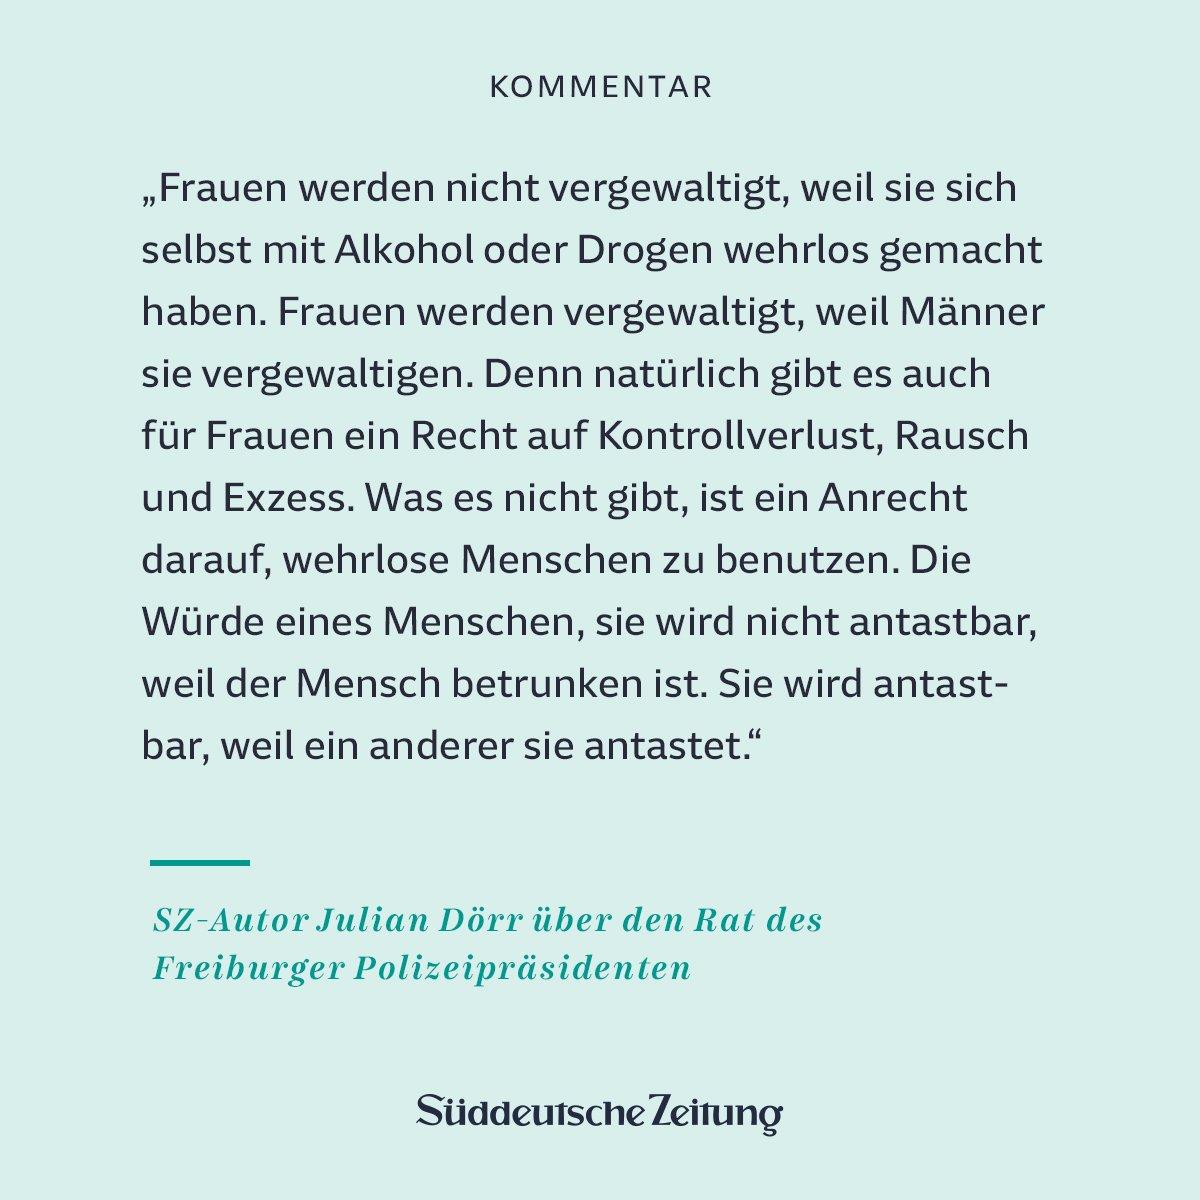 Nach der Gruppenvergewaltigung einer 18-Jährigen rät der Freiburger Polizeipräsident: 'Macht euch nicht wehrlos mit Alkohol oder Drogen'. Das verkennt und verharmlost die Realität, kommentiert unser Autor: https://t.co/km6Vvbhh6F